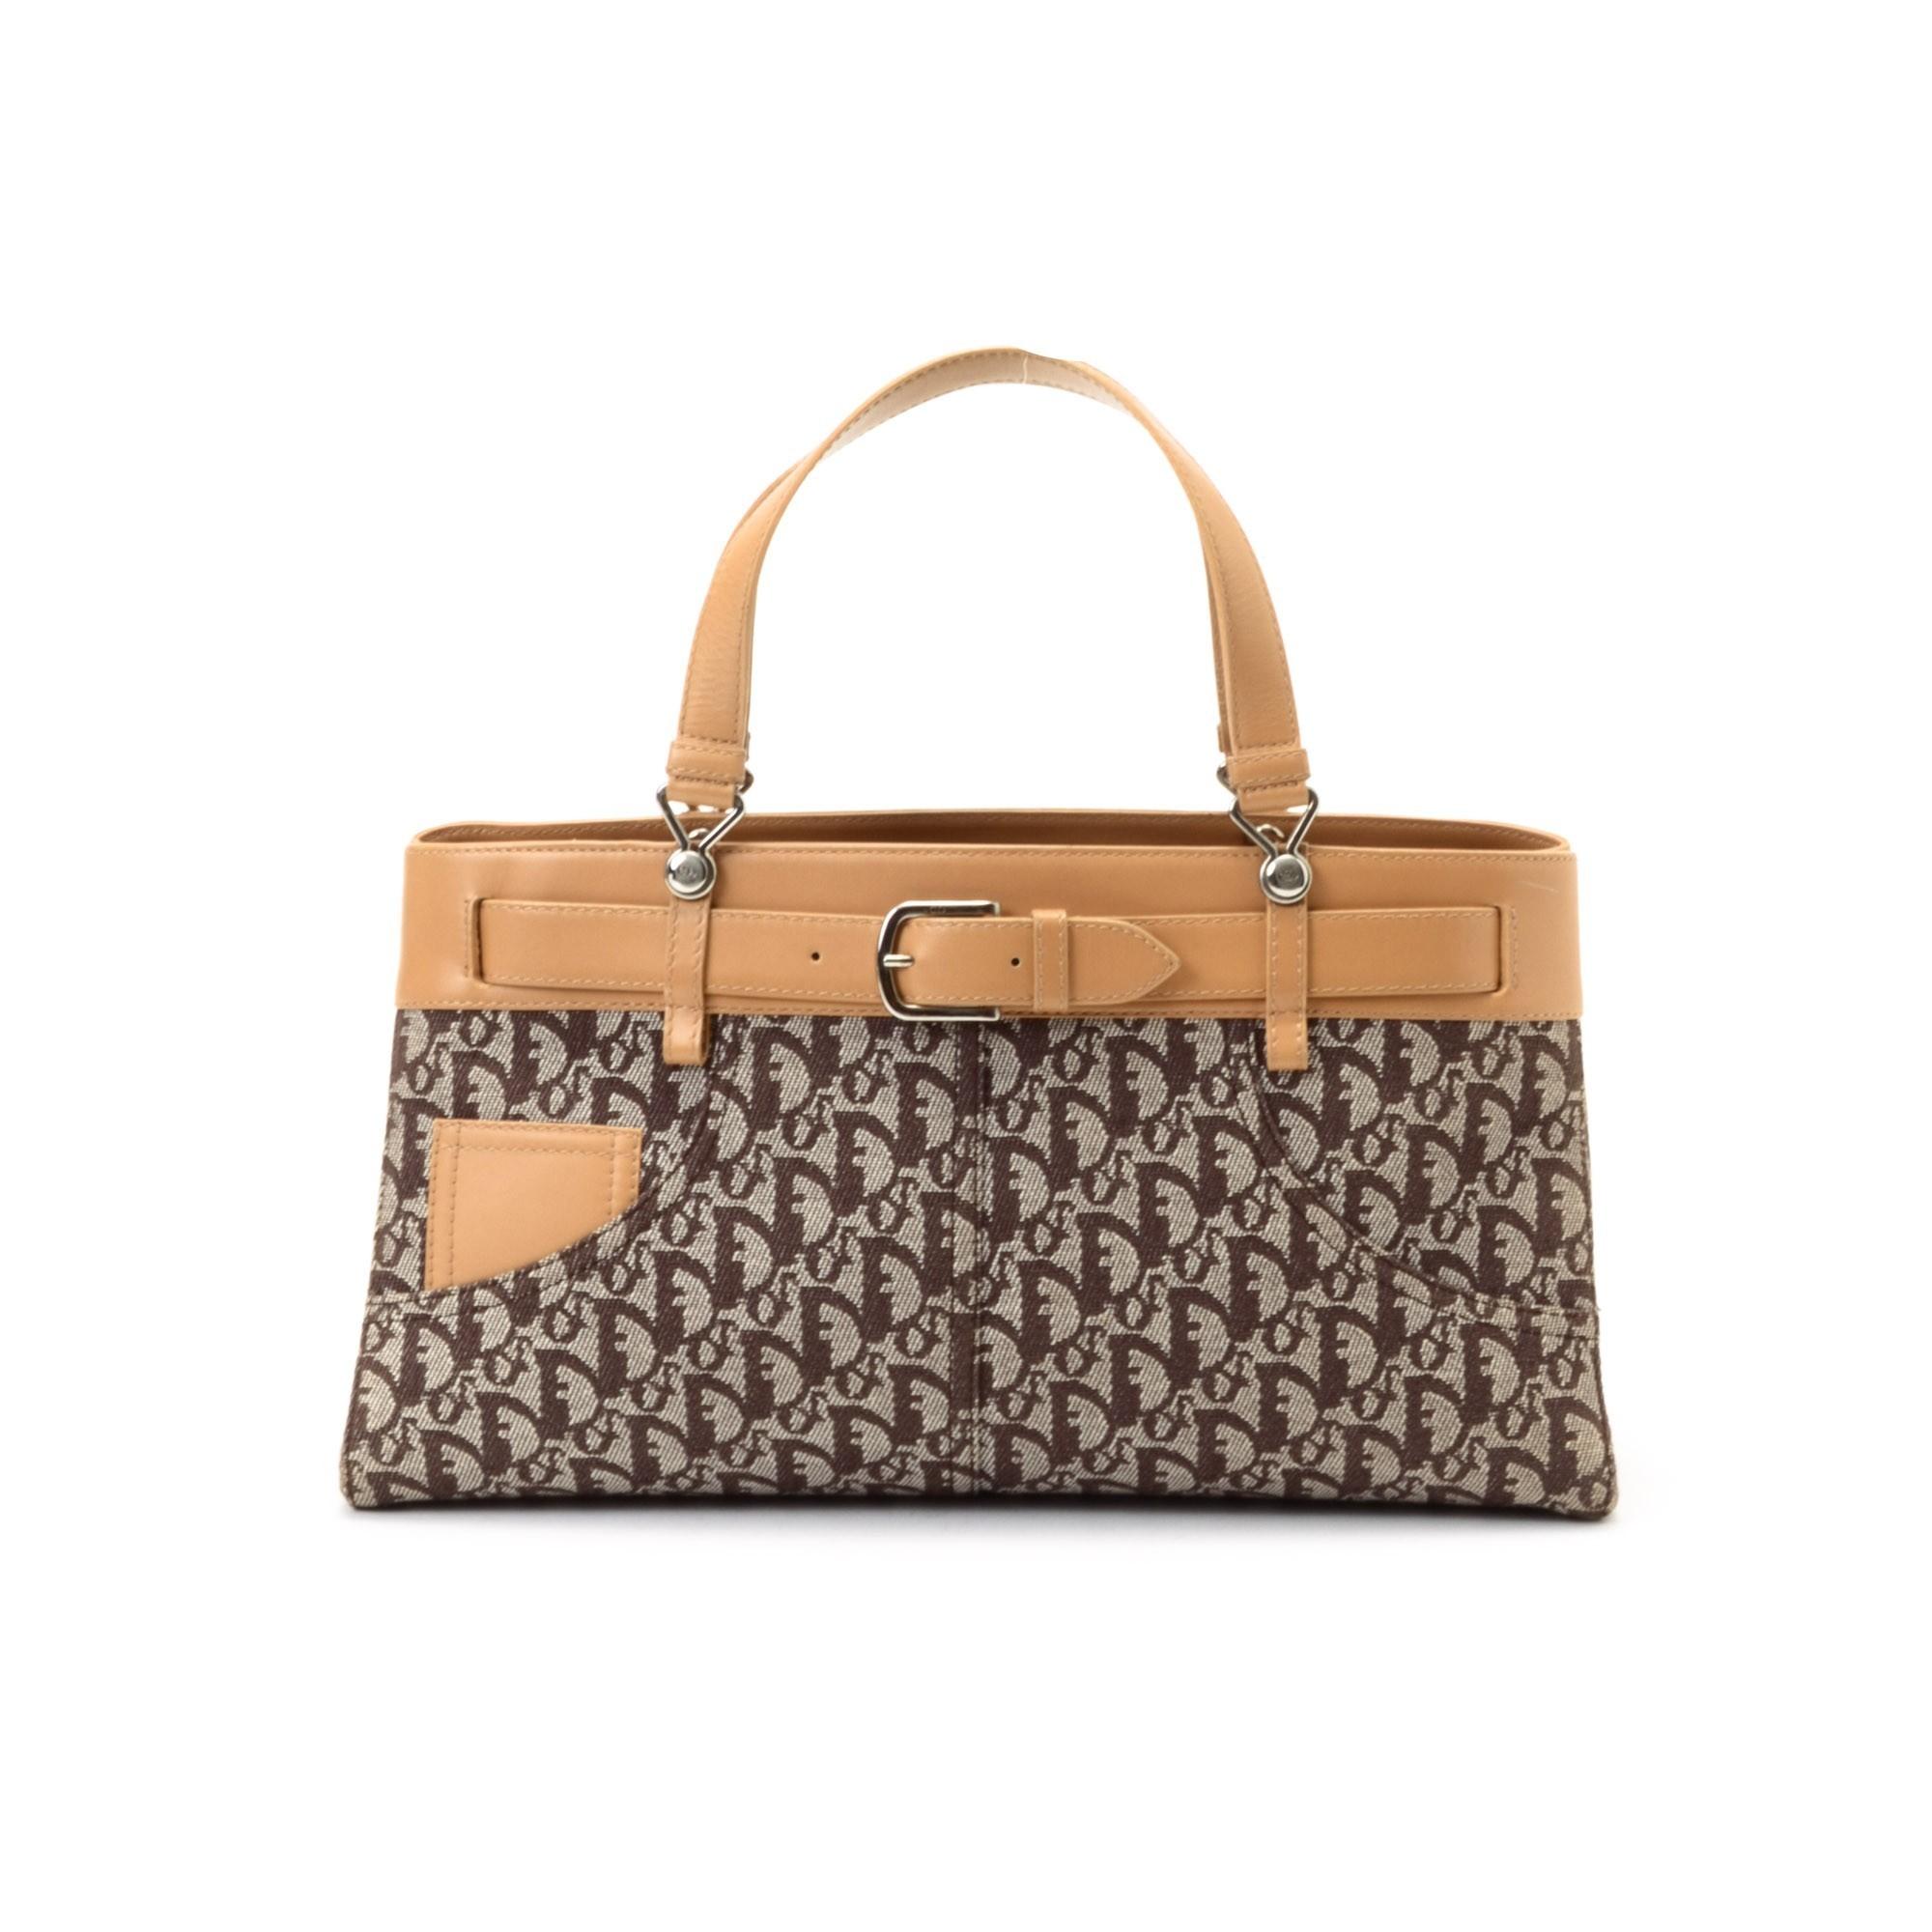 Buy Brown Canvas Dior Handbag At Lxr Amp Co